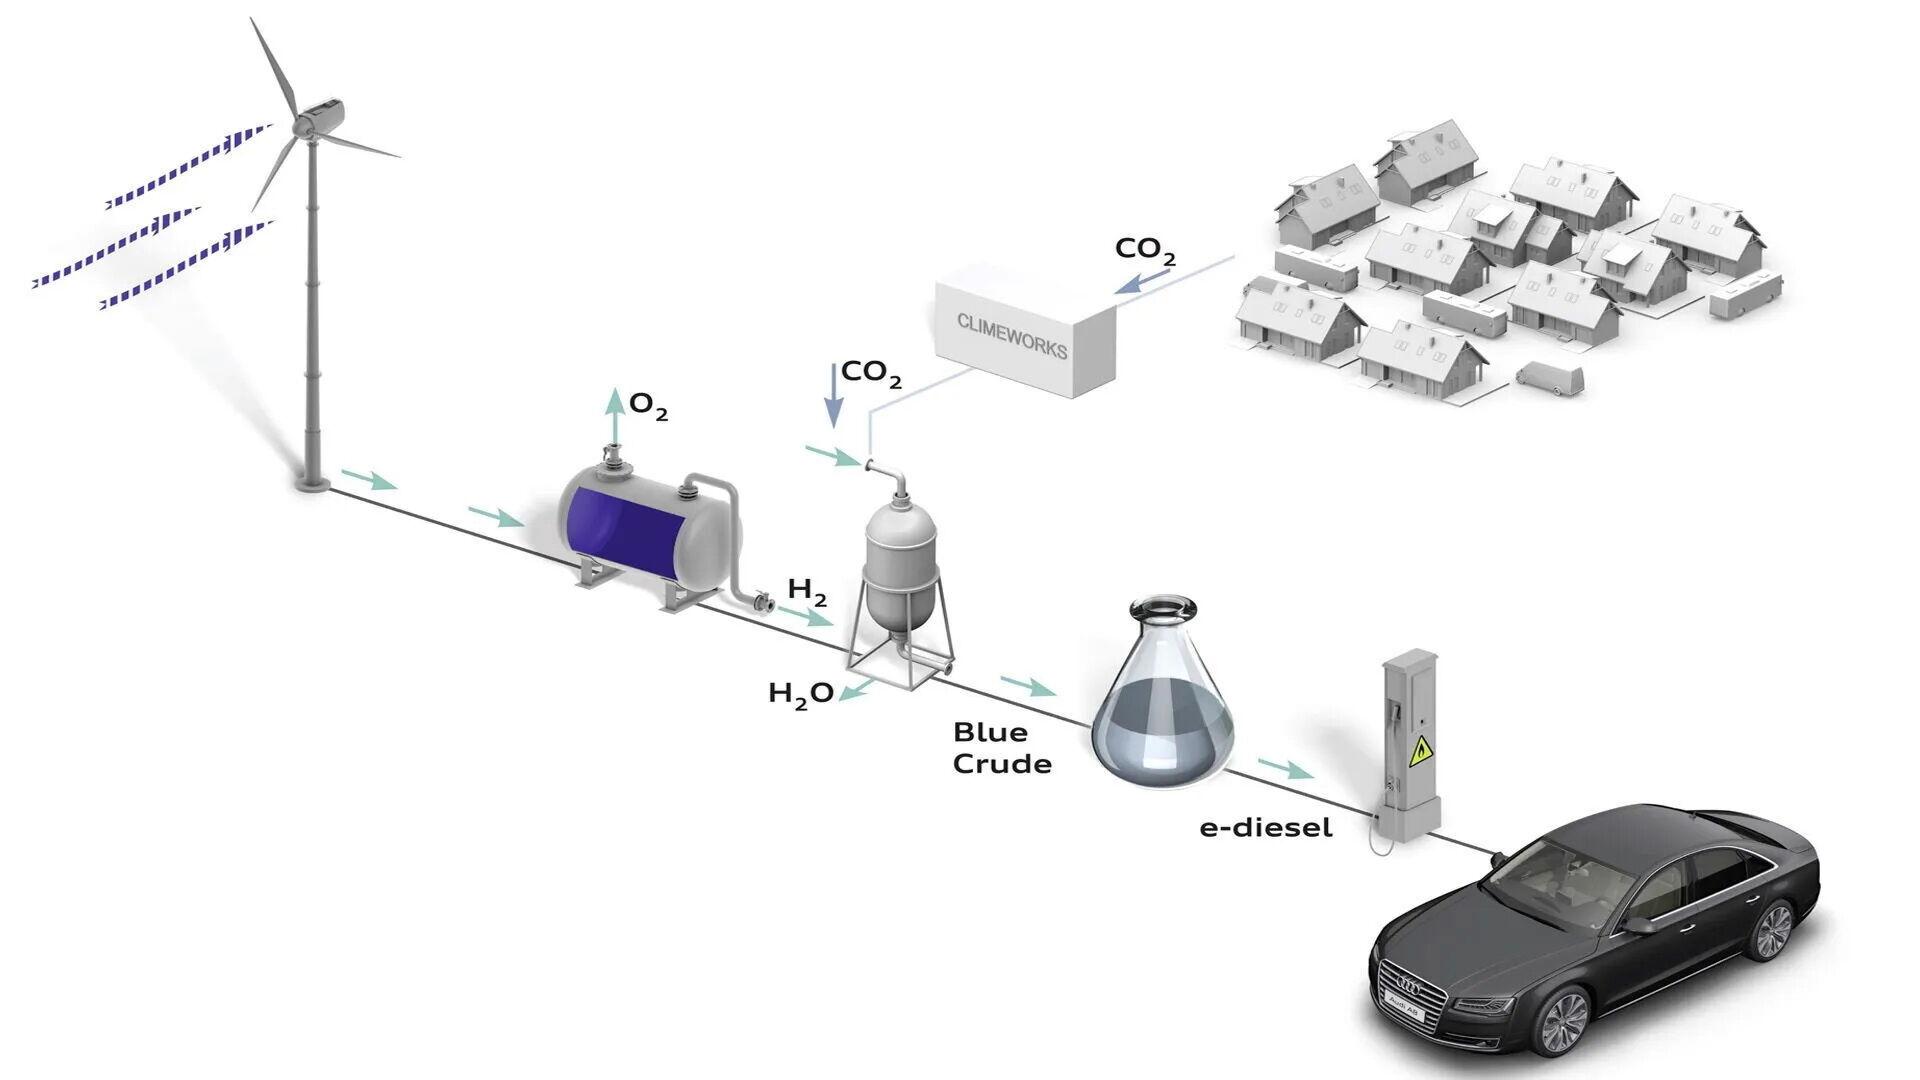 Полученная от ветряных турбин энергия будет использоваться для производства водорода и его преобразования в eFuel